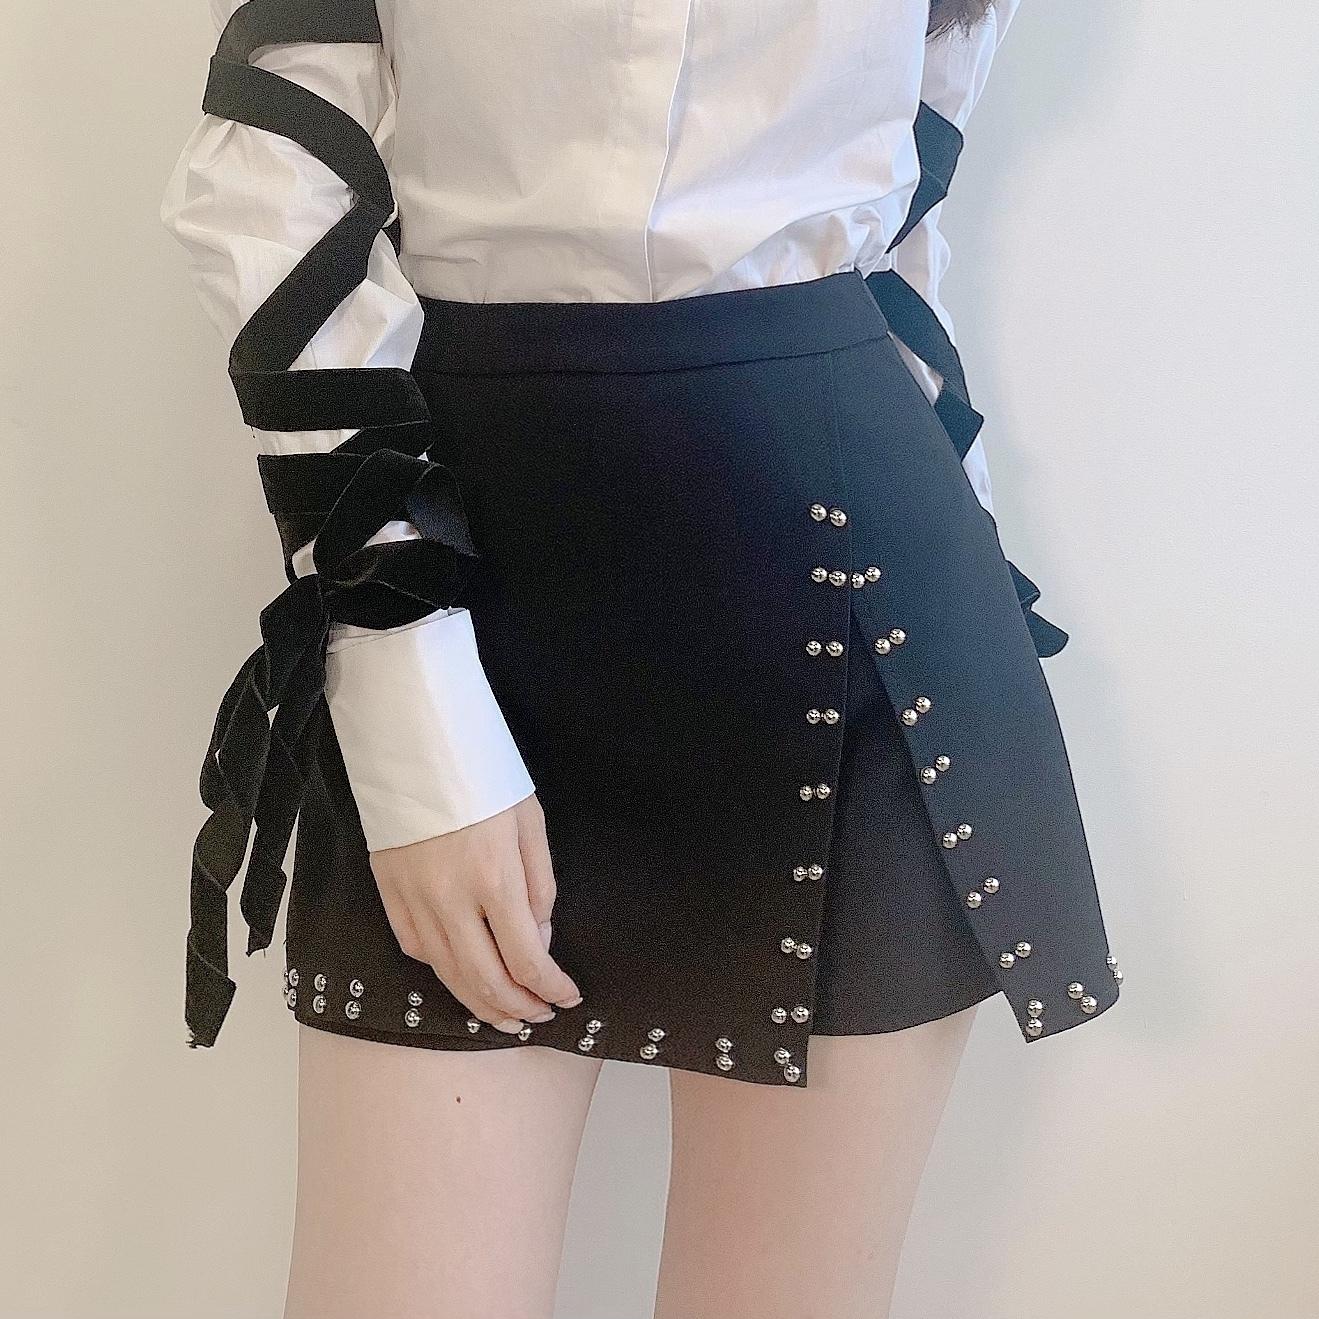 スタッズキュロットミニスカート(BLACK)